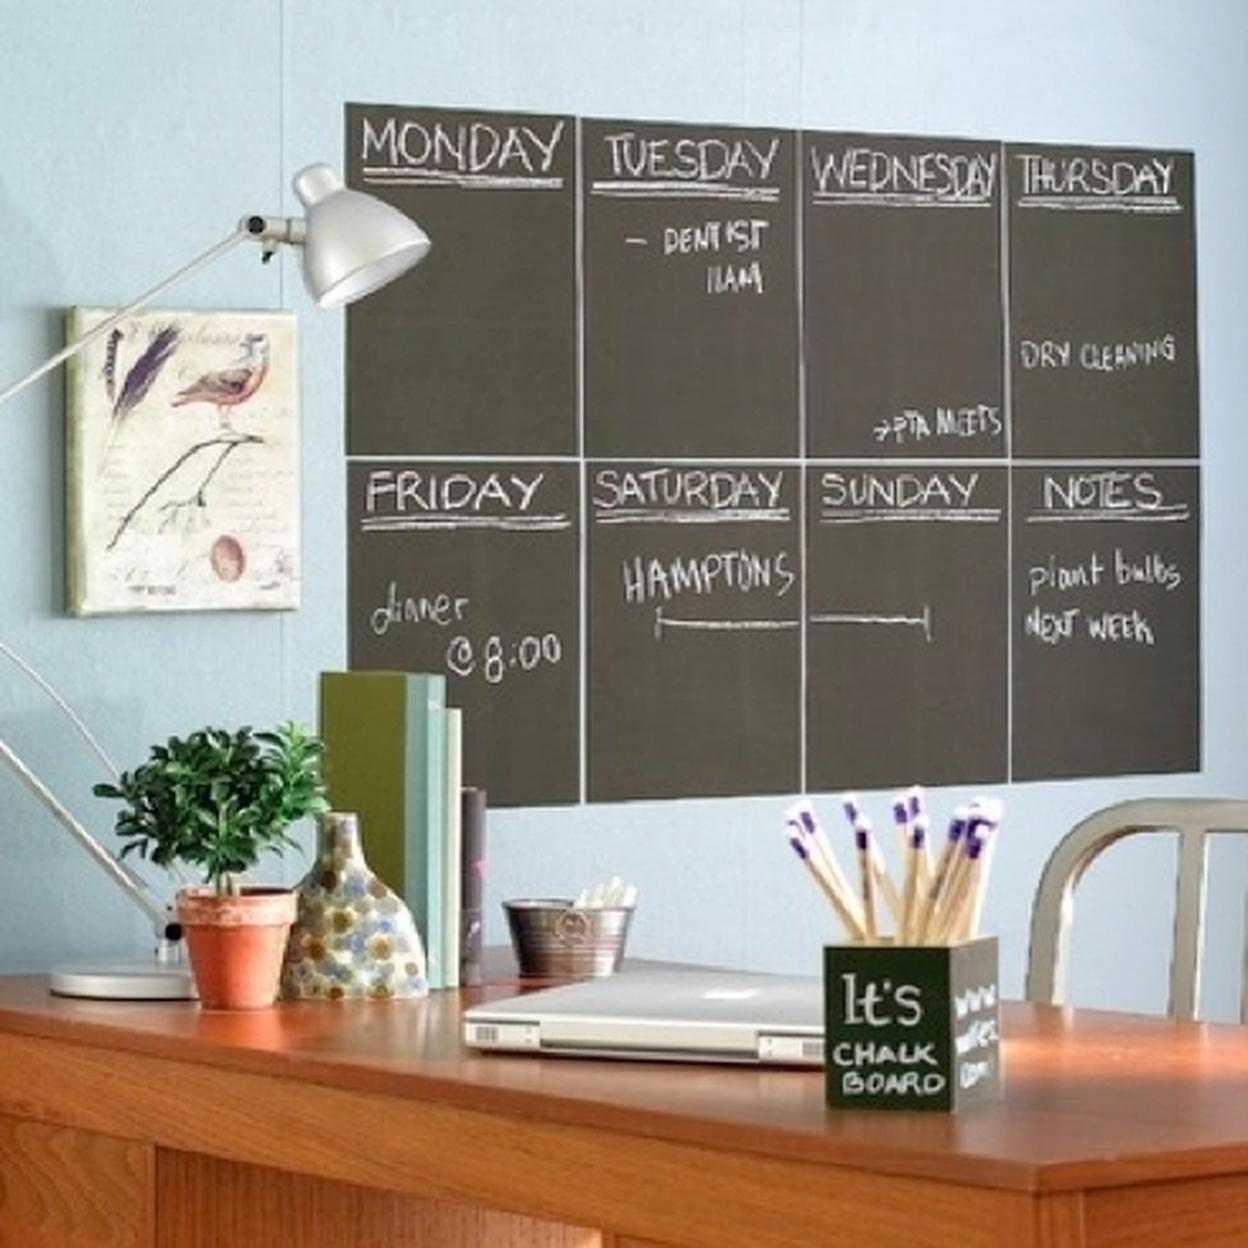 6ft Chalkboard/ Whiteboards - Chalk 598c8b9e2adf925fc070dae6